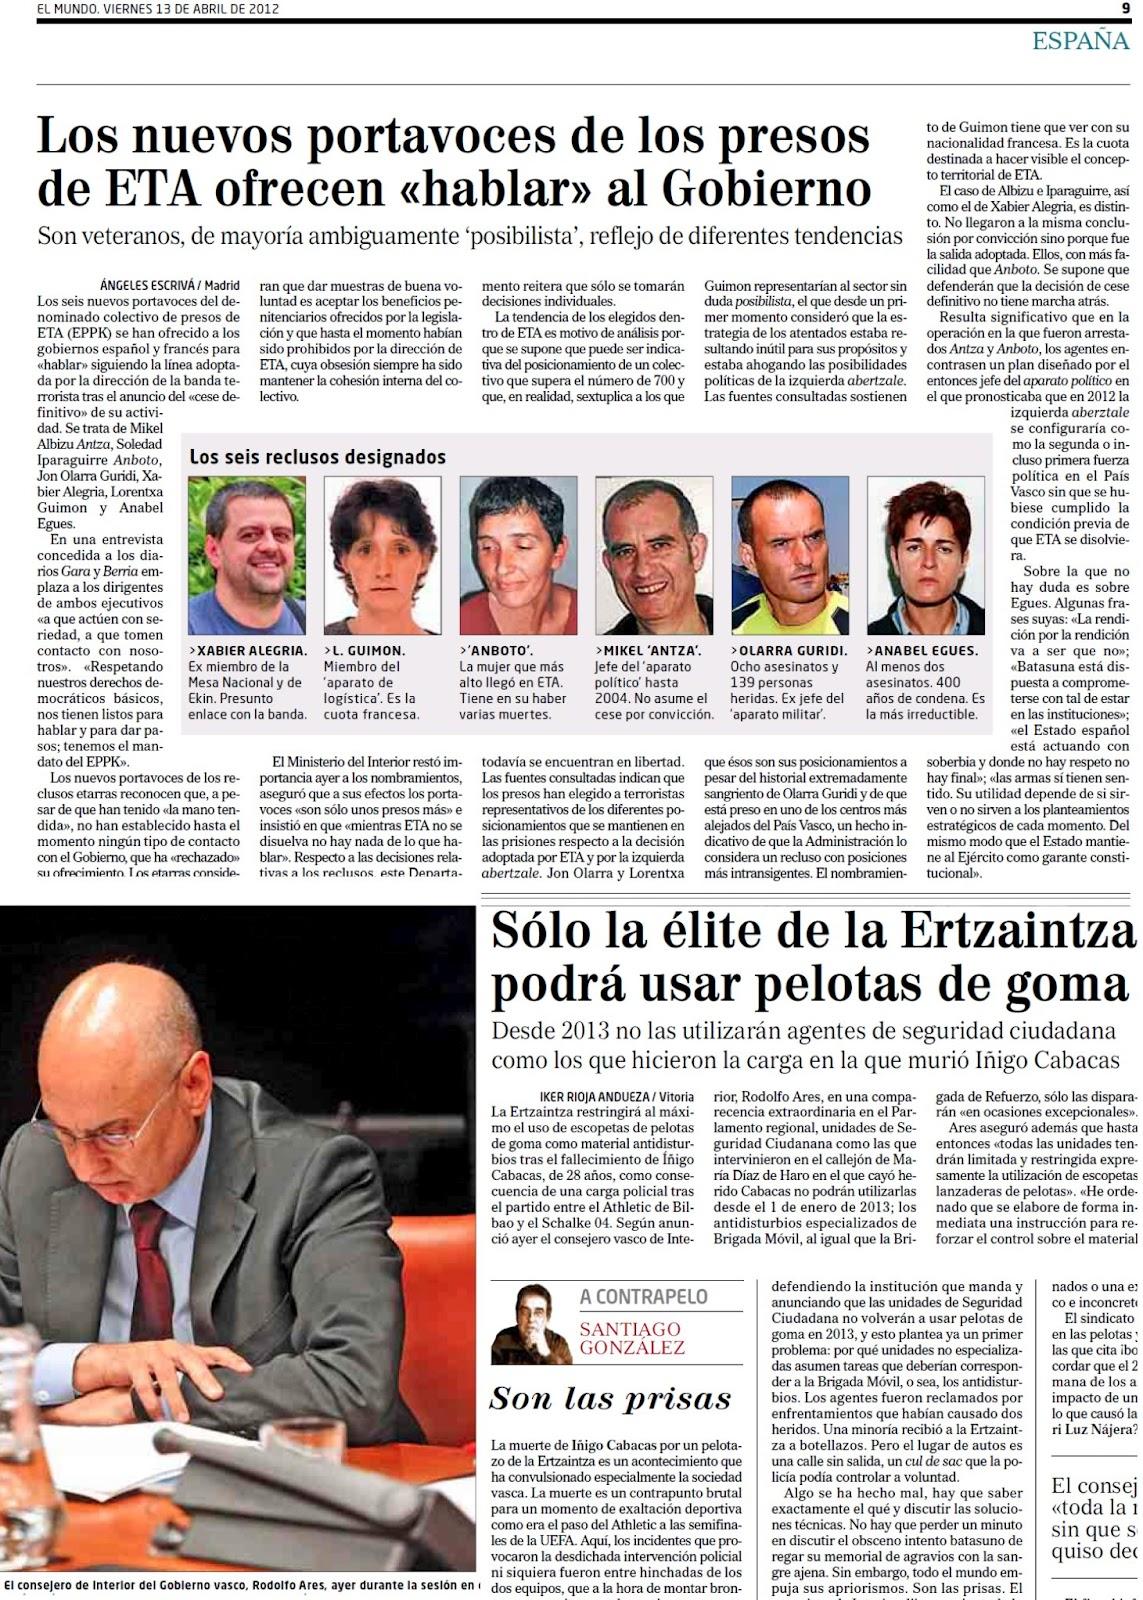 Los socialistas tratan de rematar a España, por si no la dejaron bastante muerta